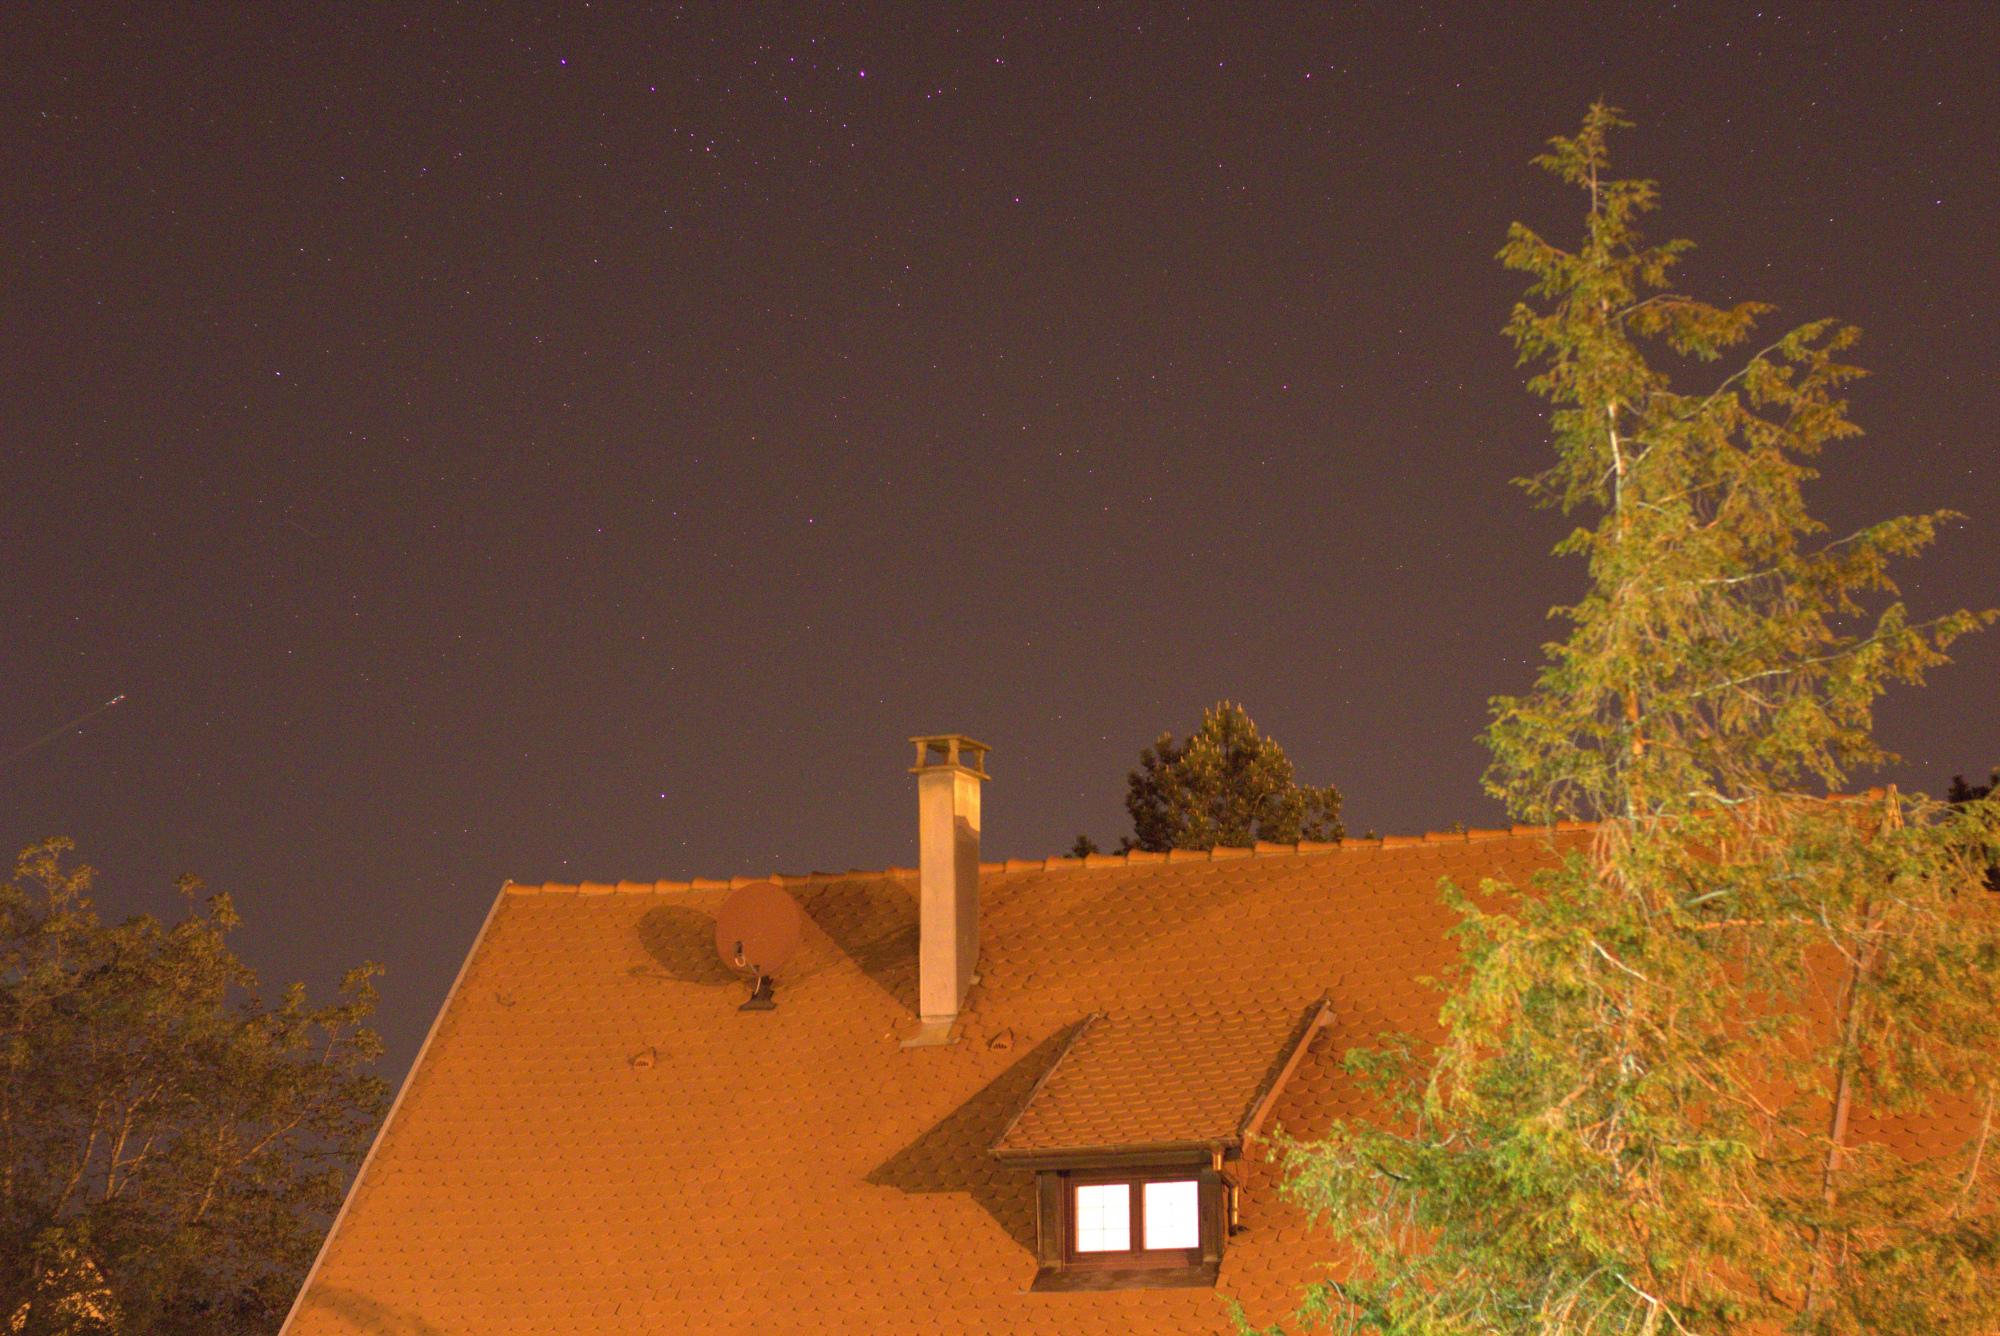 LIGHT_2s_3200iso_f2-8_20200423-23h10m54s505ms.jpg